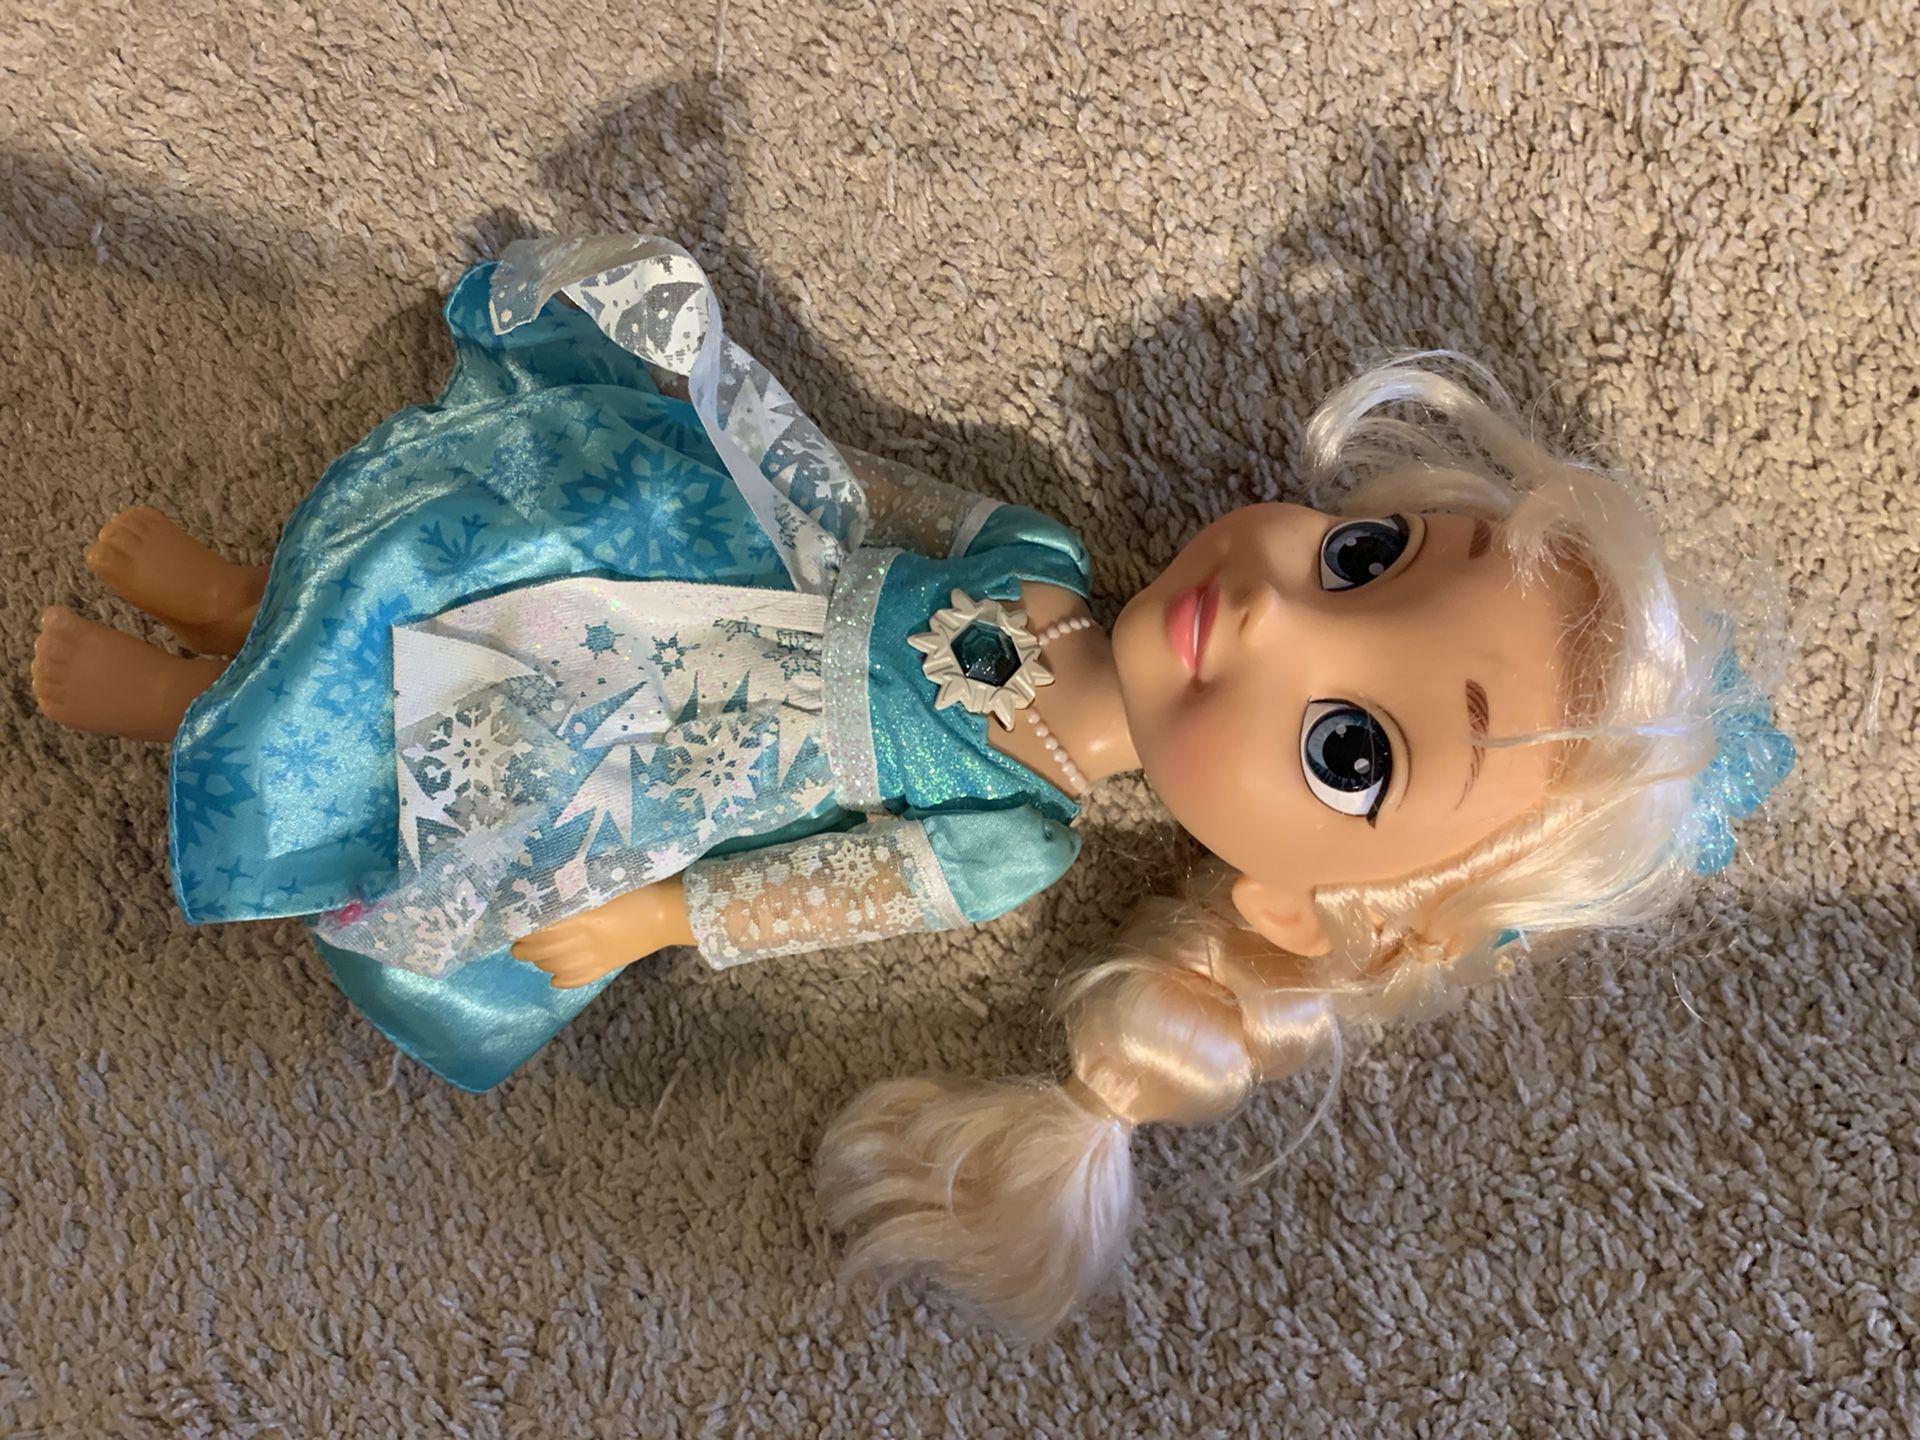 Bilingual Spanish/English talking singing light up Elsa